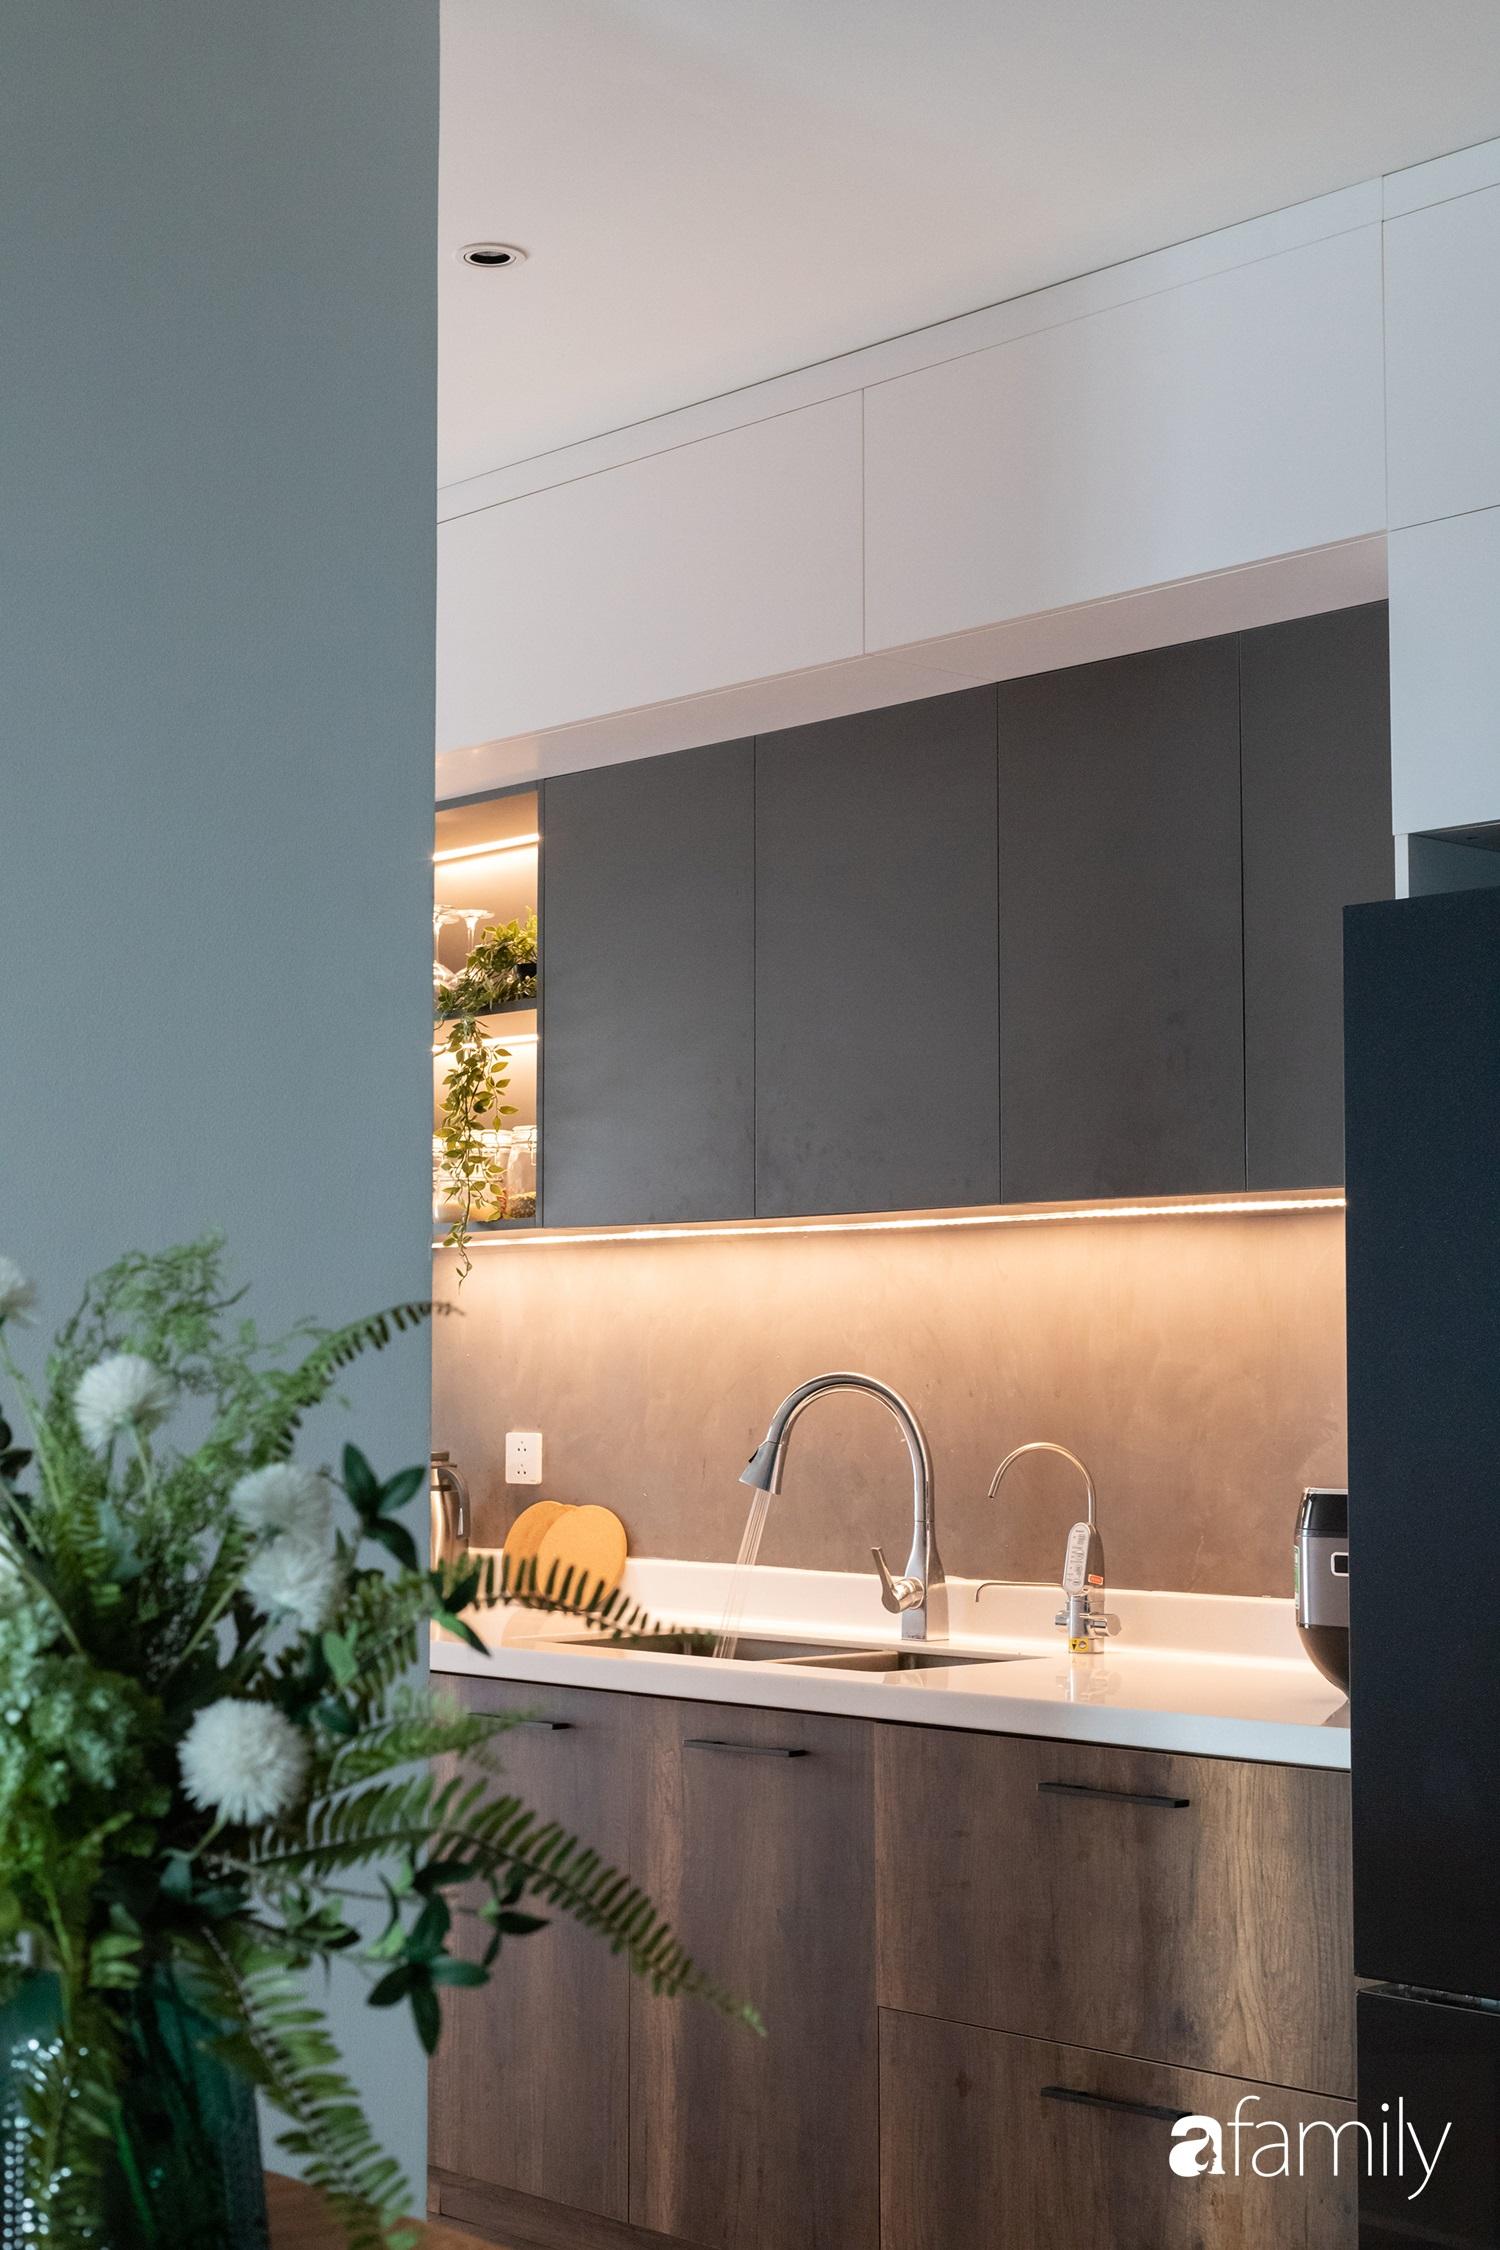 Căn hộ với chi phí phần nội thất gỗ có giá 200 triệu đồng đẹp cuốn hút theo phong cách tối giản ở Hà Nội - Ảnh 10.